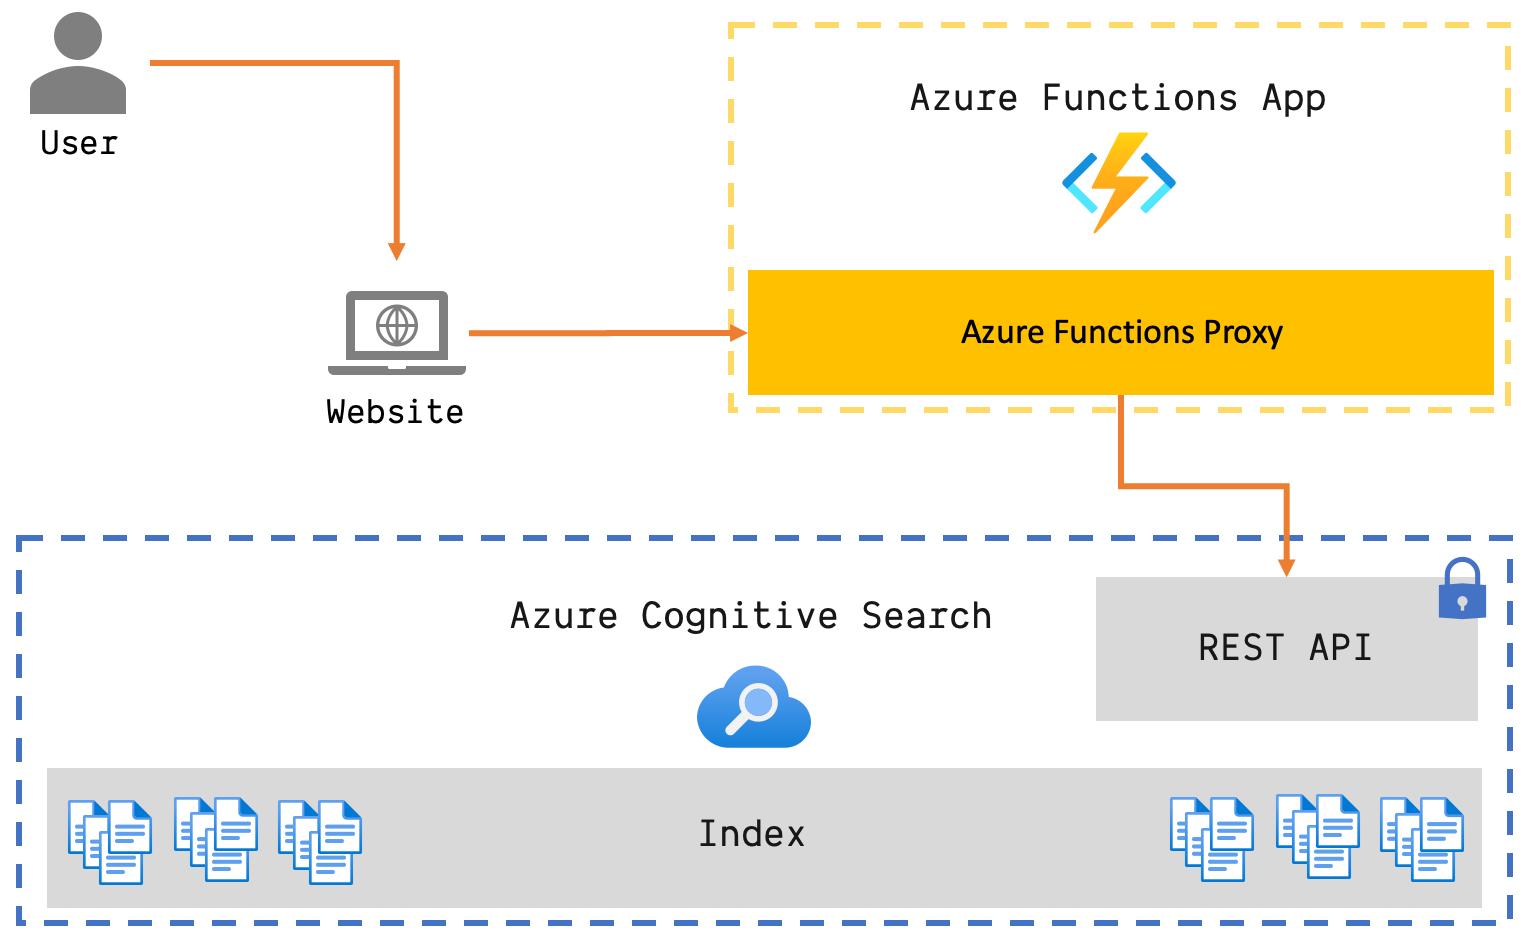 Azure Cognitive Search Architectural Blueprint